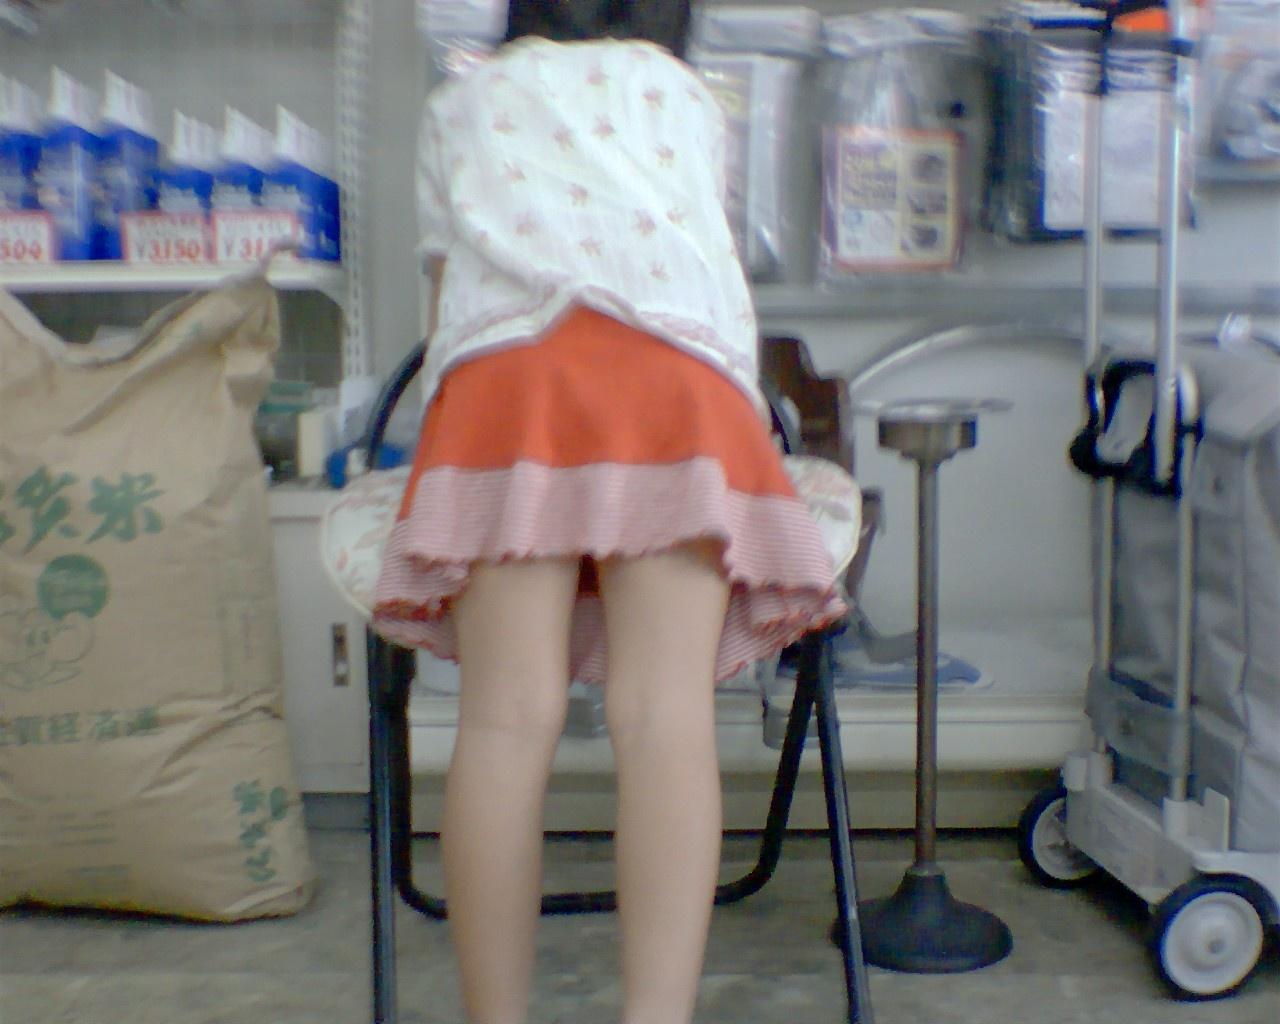 【小中学生】♪美少女らいすっき♪ 370 【天てれ・子役・素人・ボゴOK】 [無断転載禁止]©2ch.netYouTube動画>19本 ->画像>1215枚